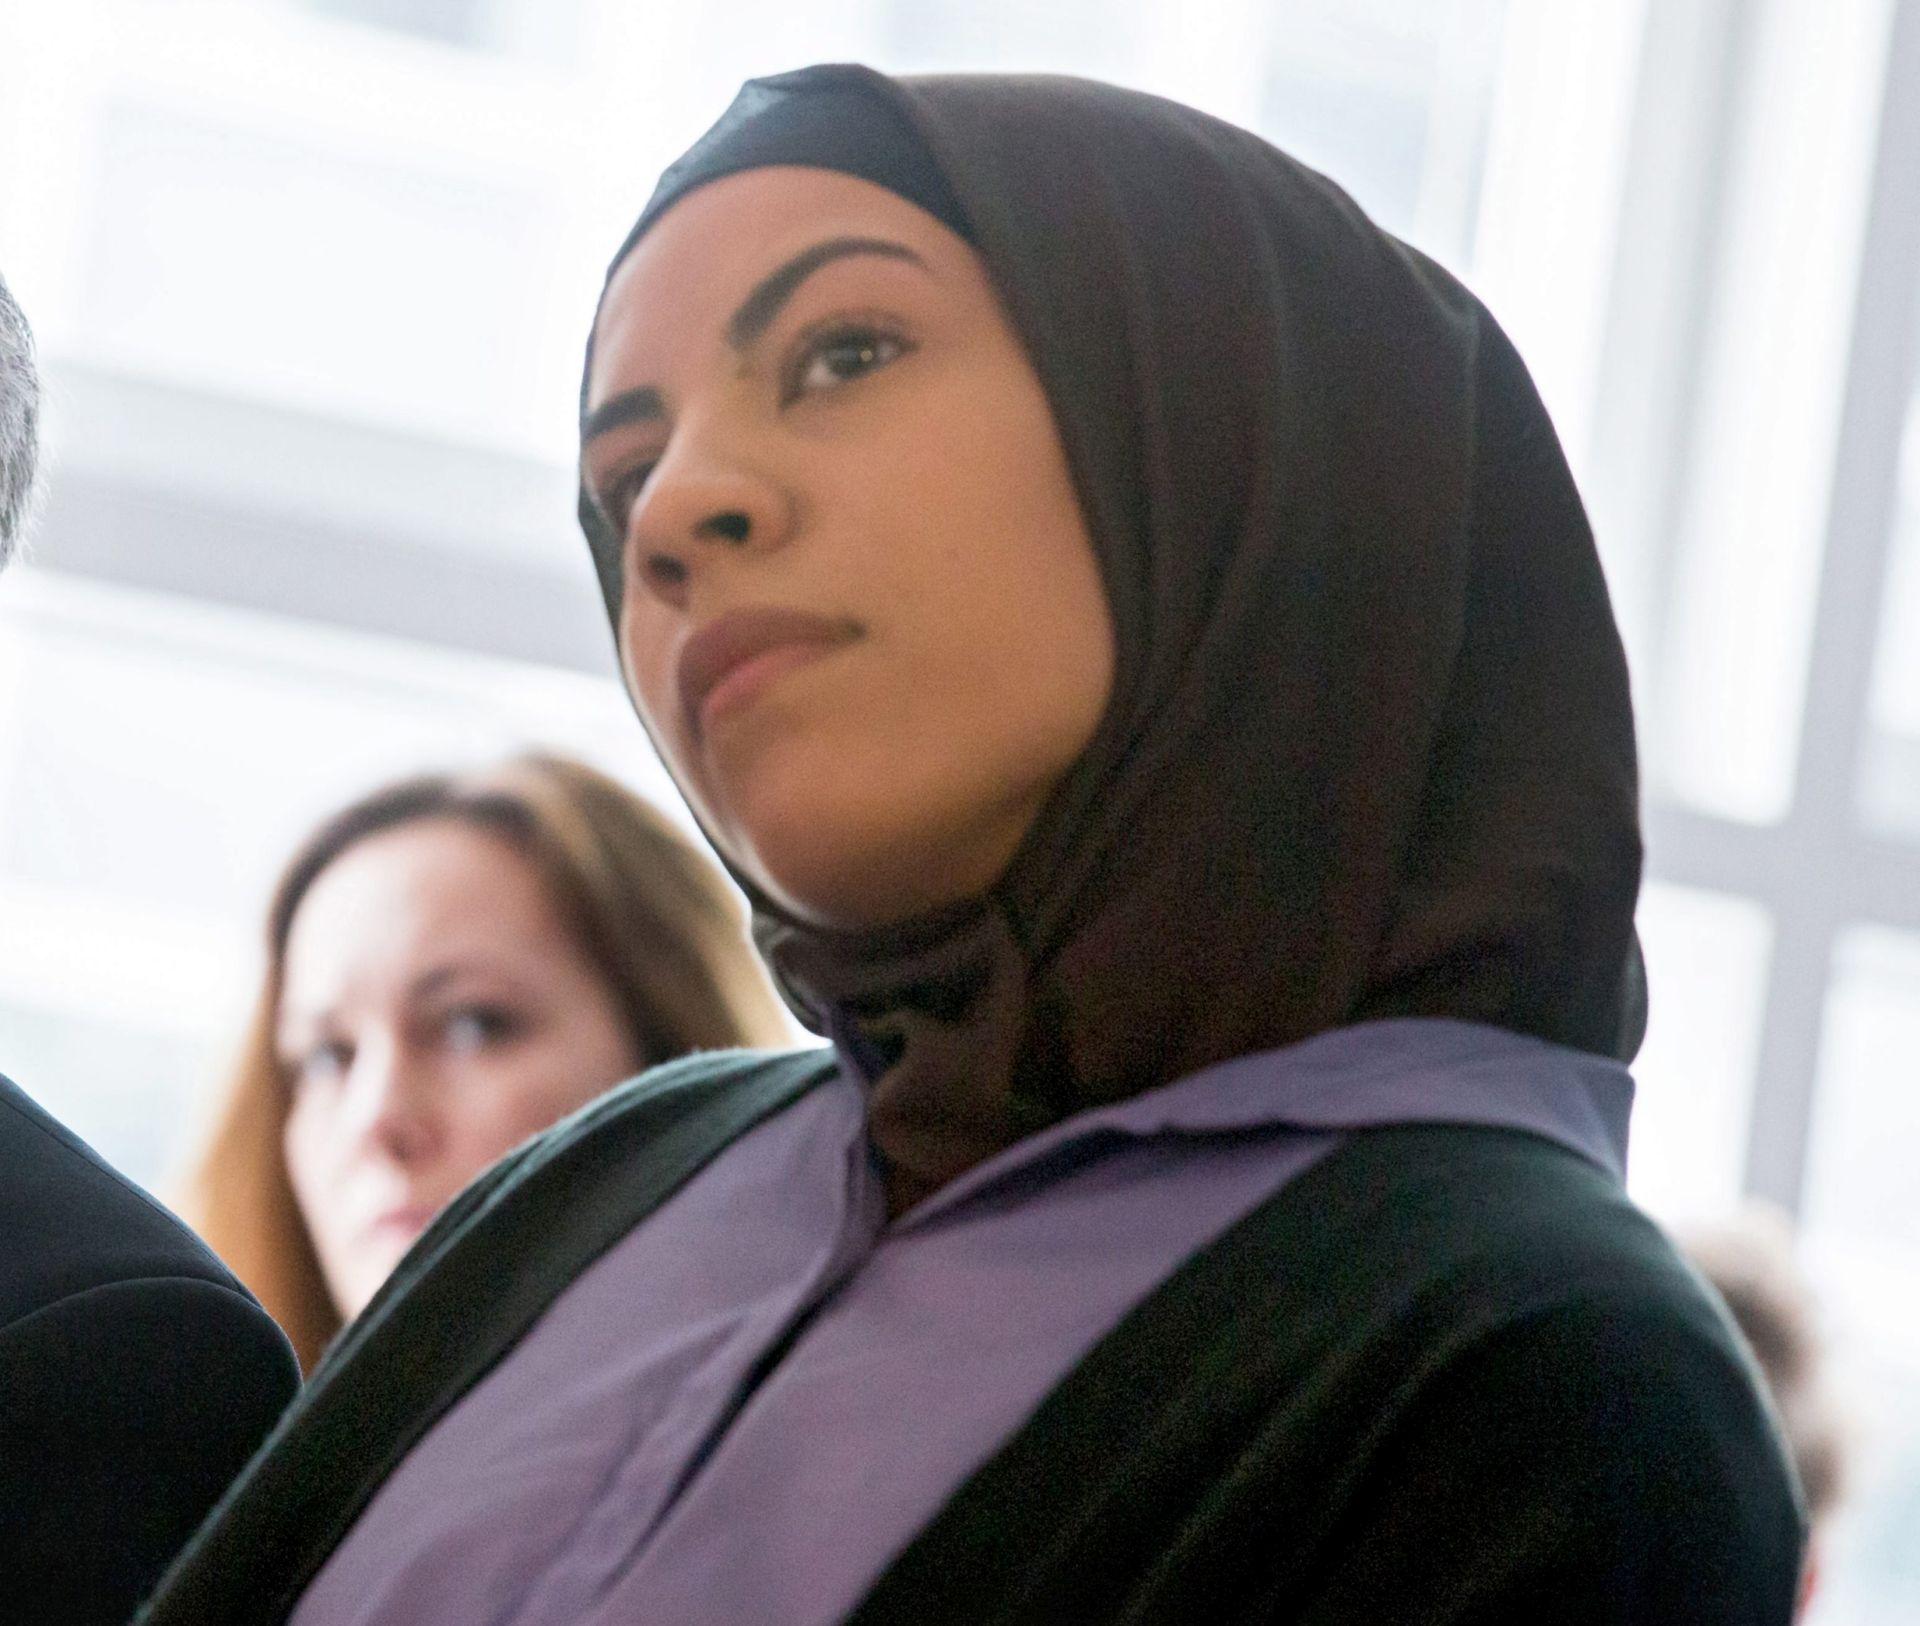 NEZADOVOLJNI ODLUKOM: Prosvjed zbog zabrane nošenja hidžaba